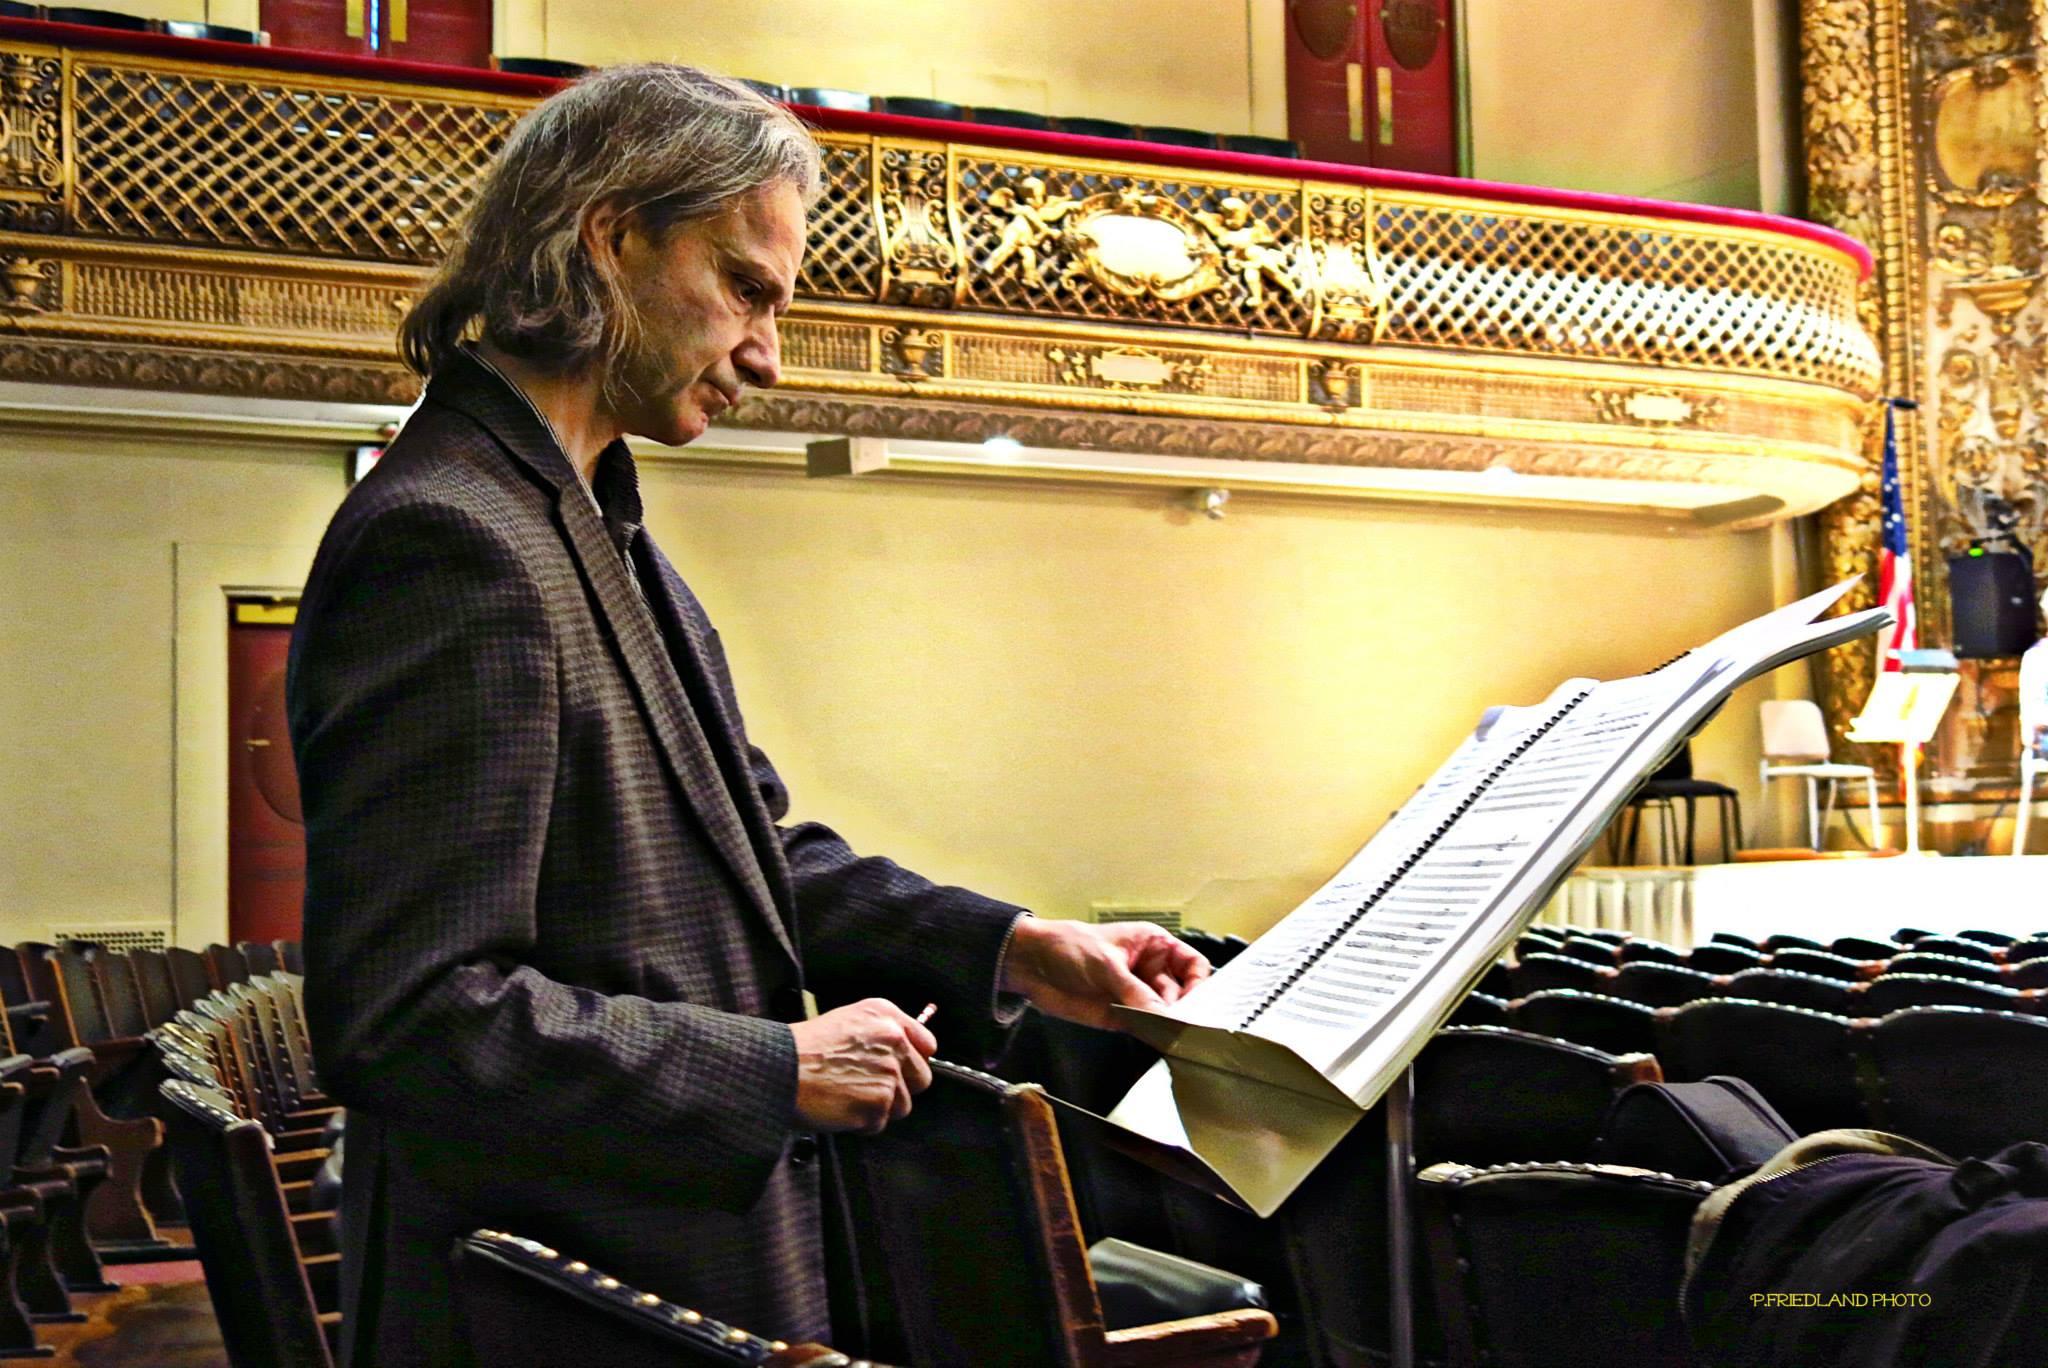 Michael Gandolfi – M51 Music, LLC – Composer/Educator